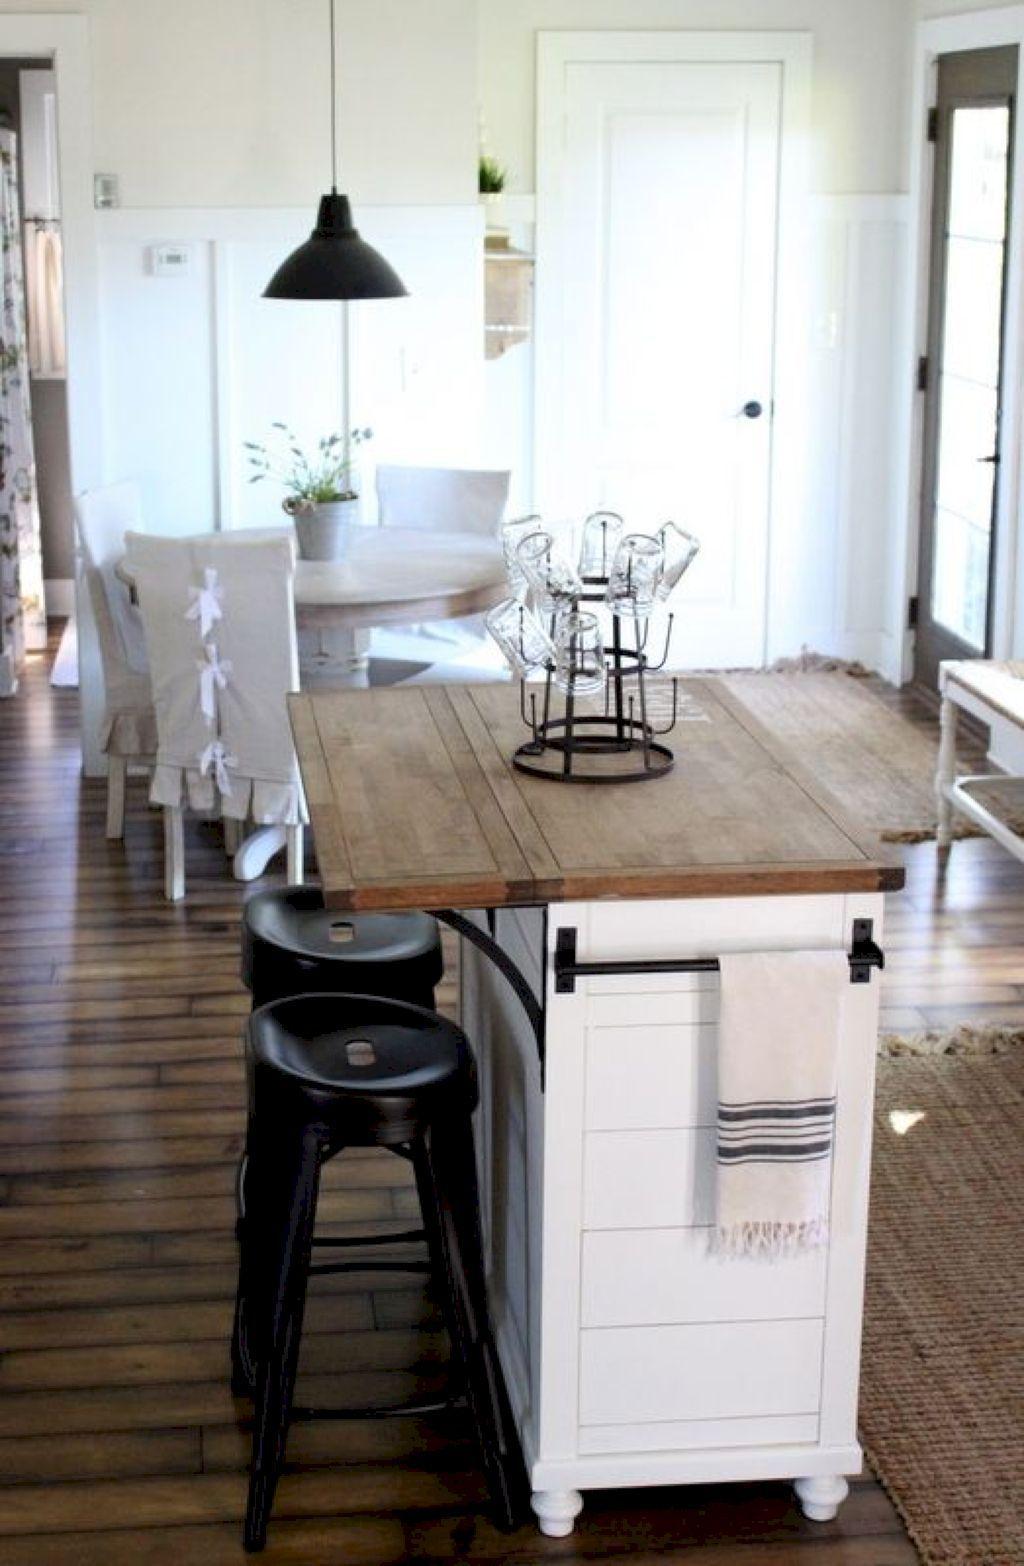 45 Best Kitchen Island Decor and Design Ideas